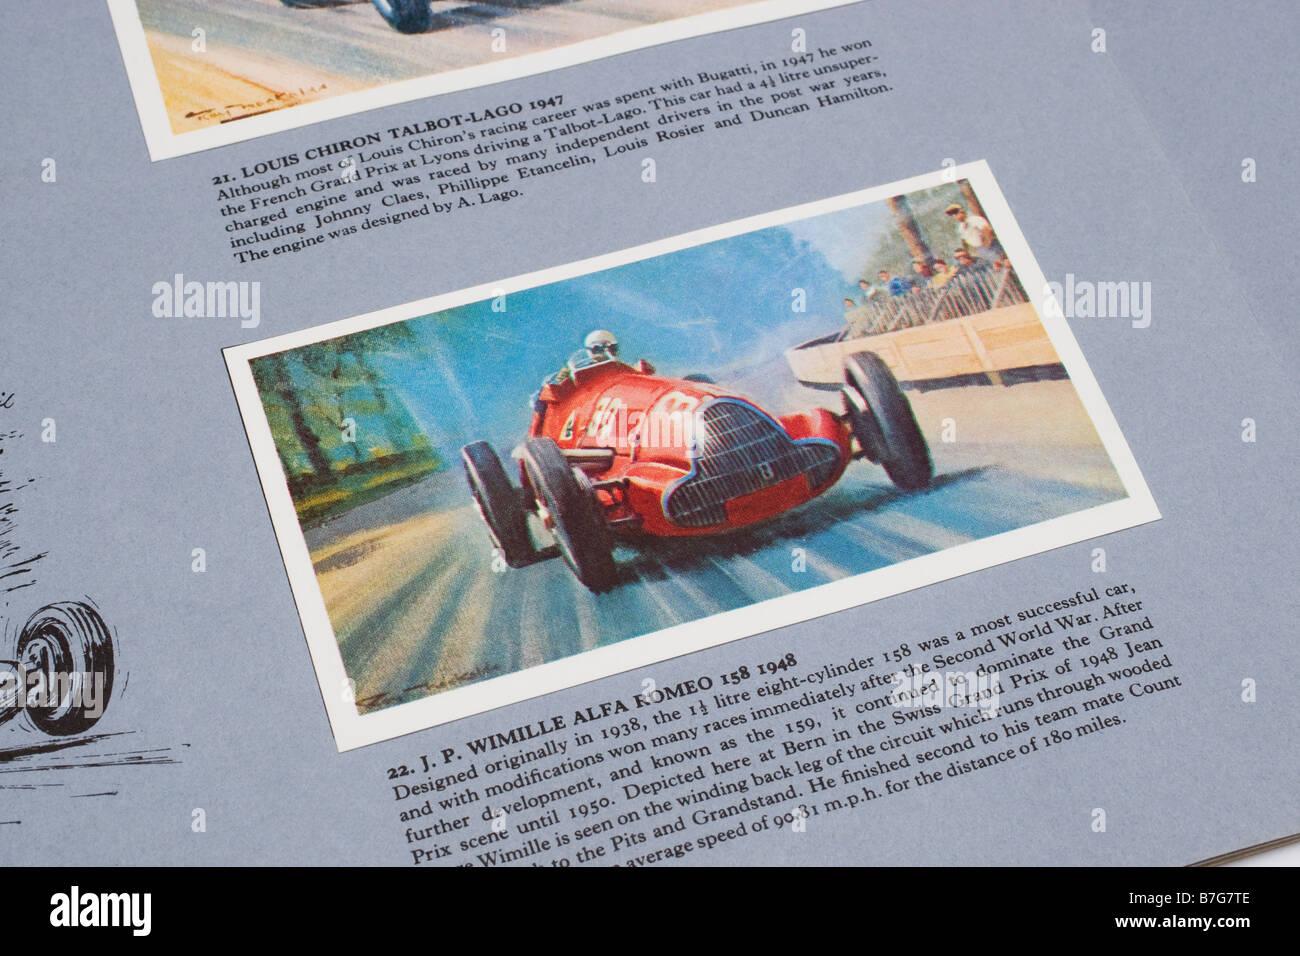 Bildkarte von J.P.Wimille in einem Alfa Romeo 158 aus der Geschichte des Grand Prix Motor Racing Mobile Erdöl Stockbild